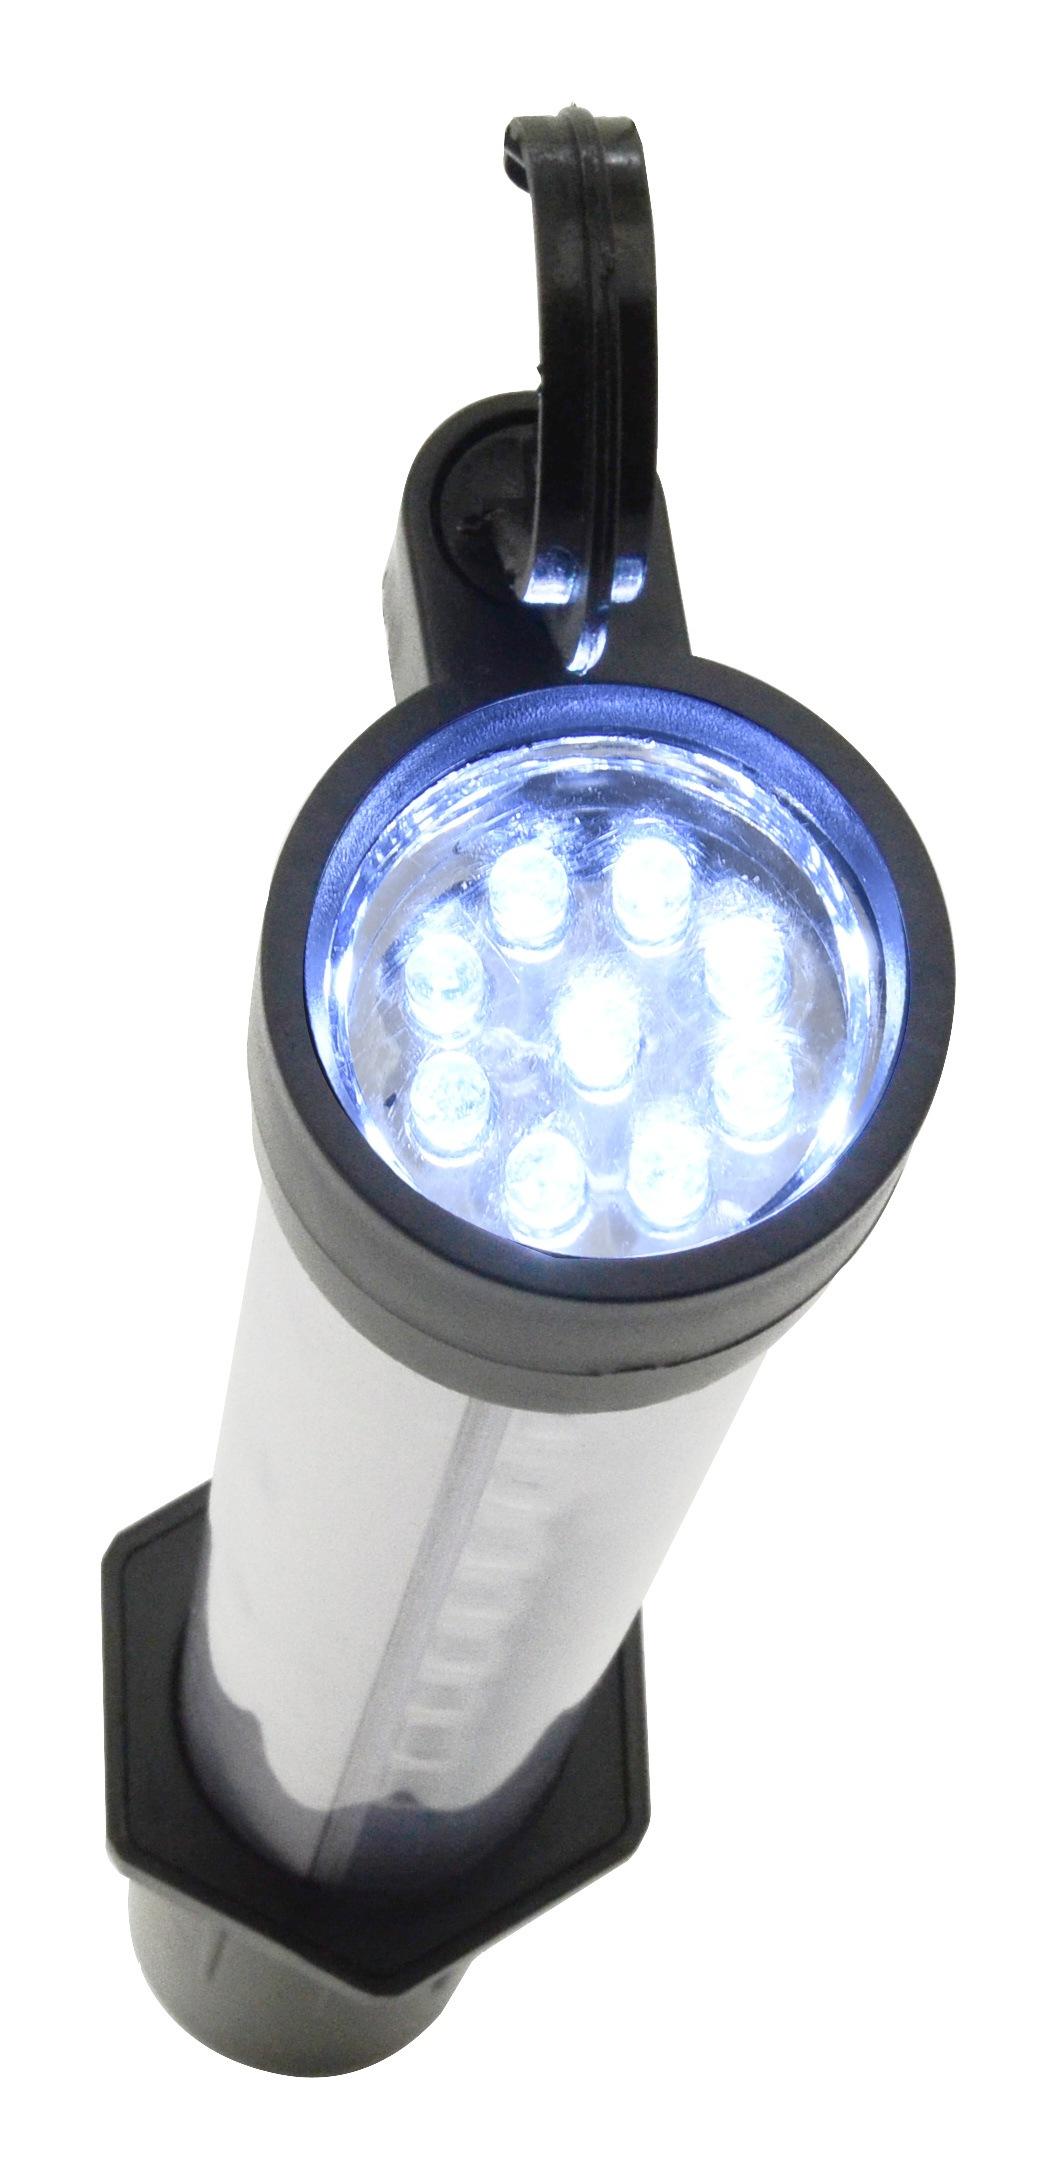 Svítilna montážní 27+7LED nabíjecí 12/230V Li-on 1200mAh